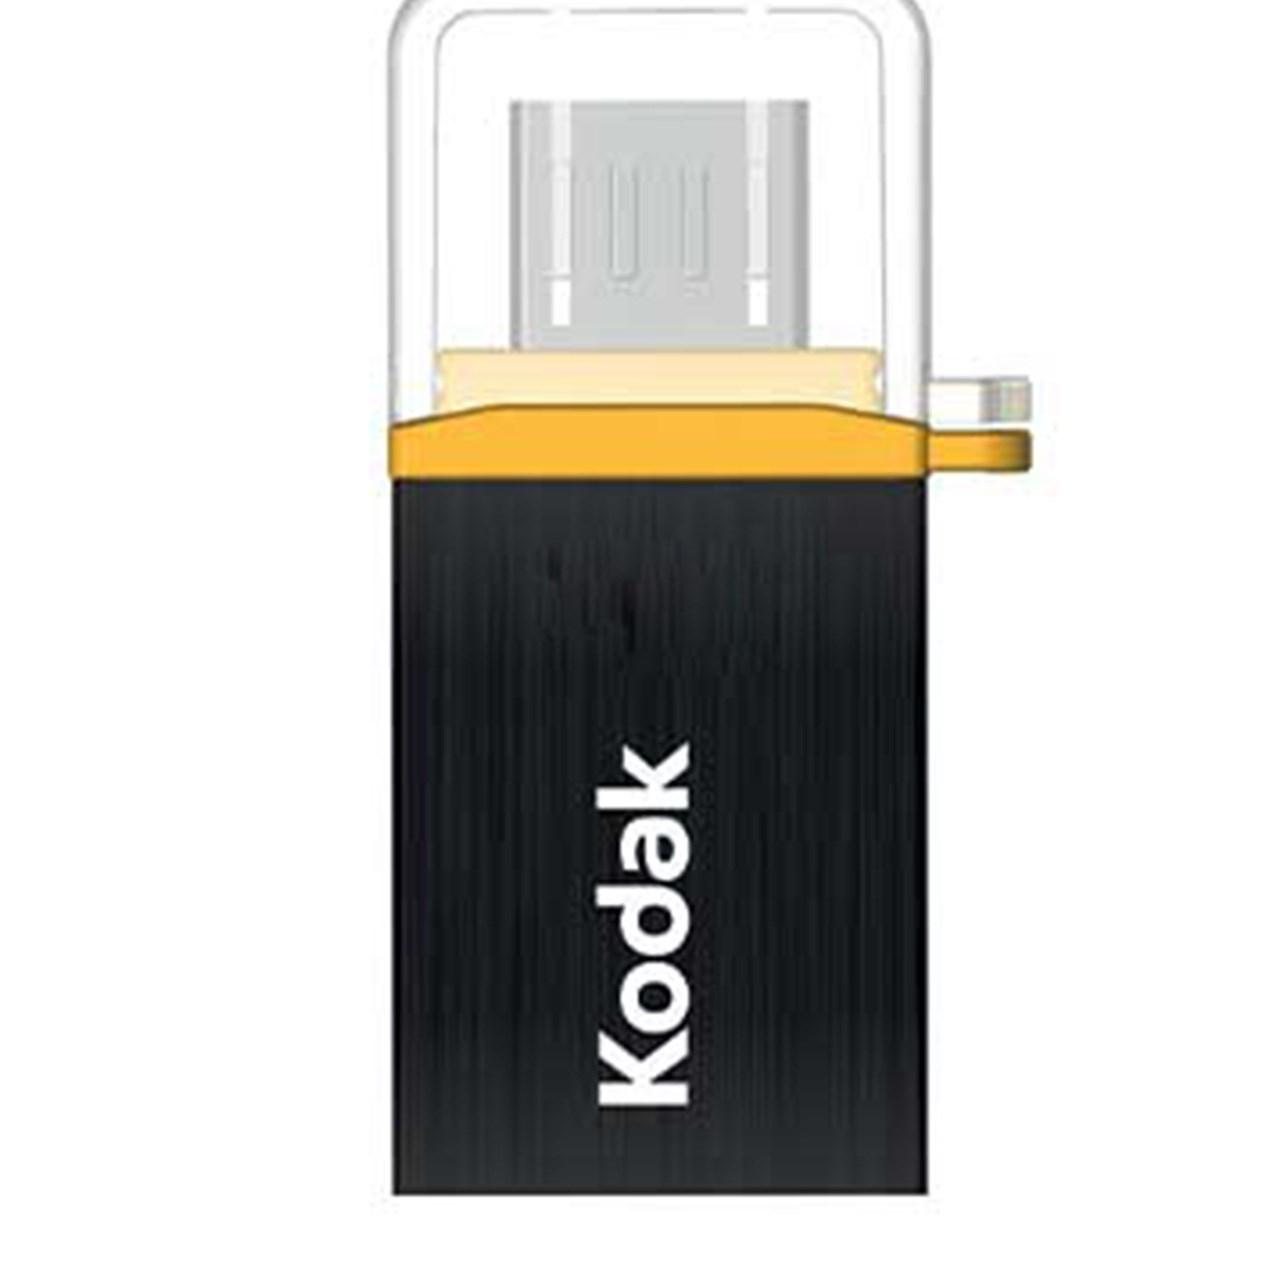 فلش مموری کداک مدل K210 ظرفیت 32 گیگابایت